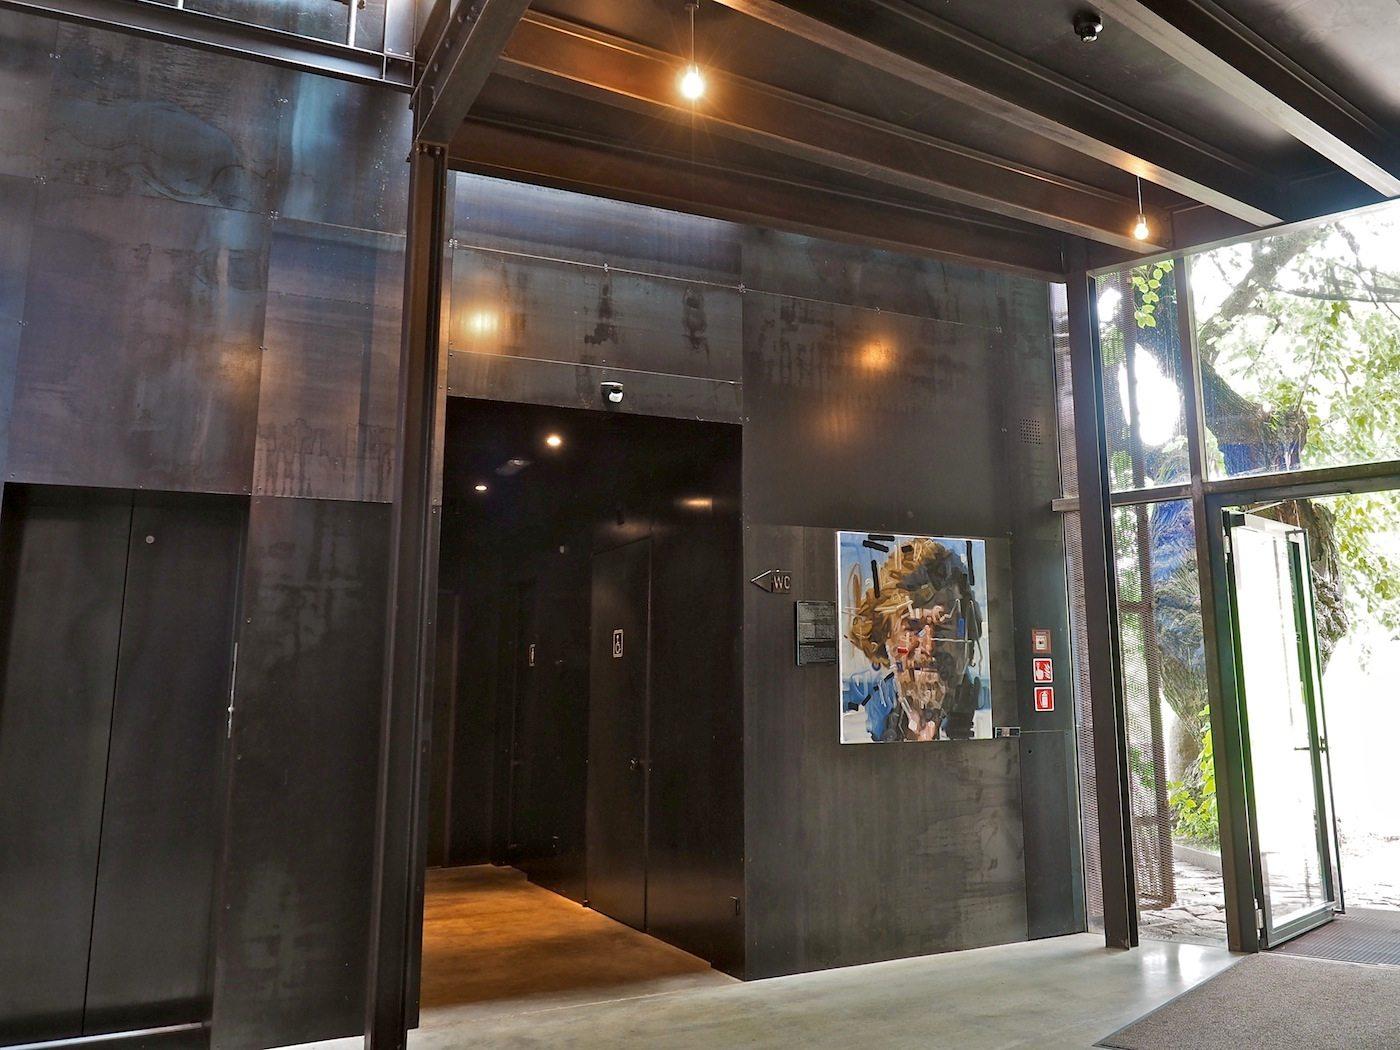 Einladung zur Kunst..  Erste Station auf dem weiten Rundkurs durch MMM Firmian ist ein Haus für Bilder, die ansonsten thematisch verteilt in fünf Türmen zu sehen sind. Nur Schrauben halten den Bau aus Stahl und Glas zusammen.